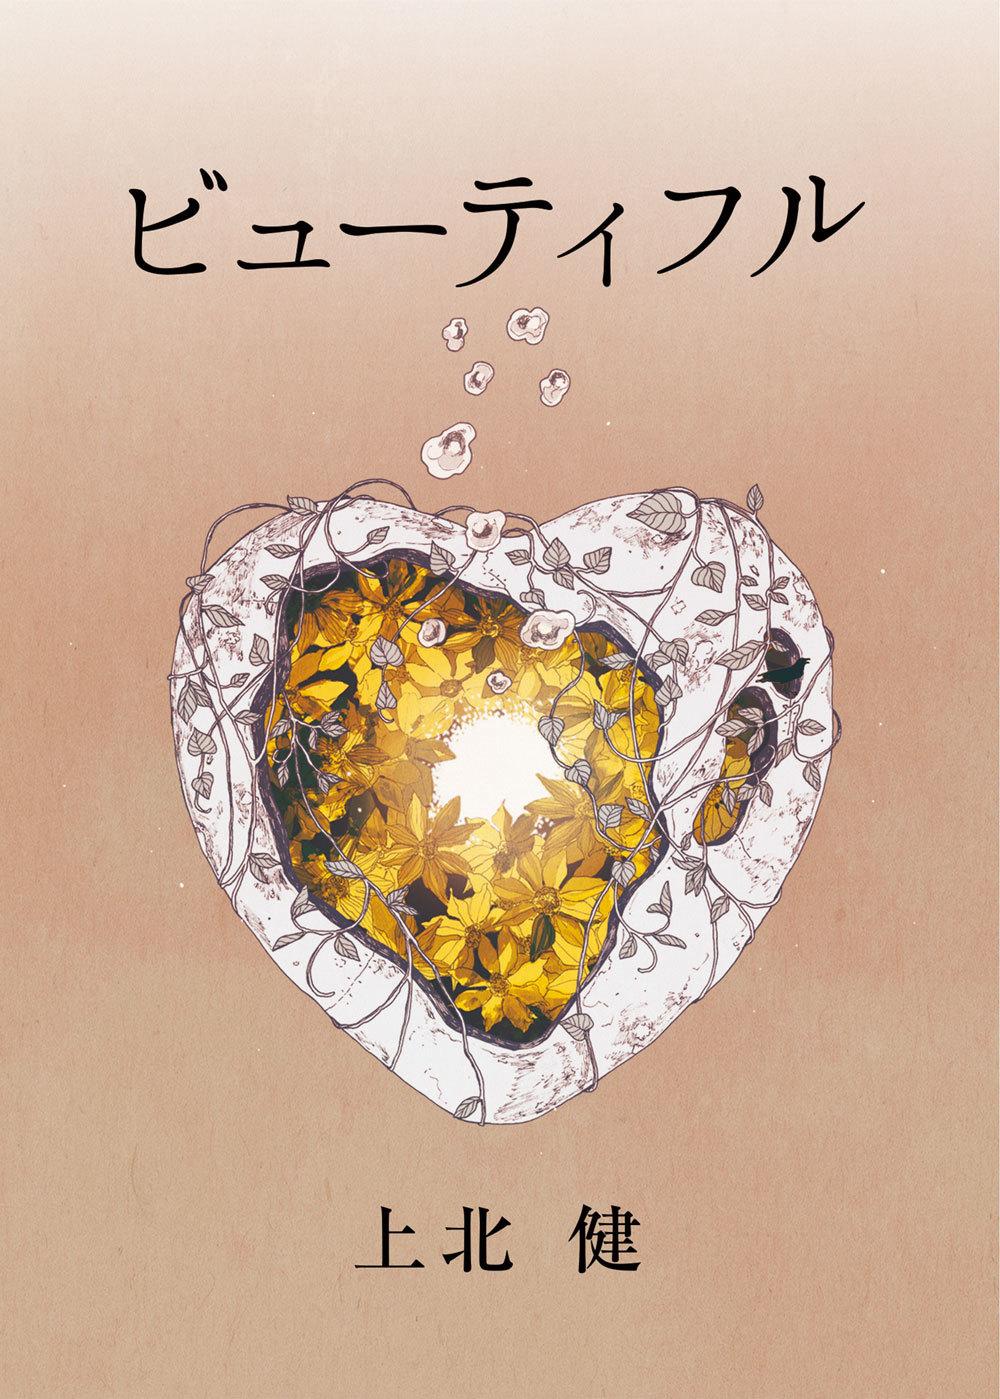 ビューティフル(CONCEPT BOOK)